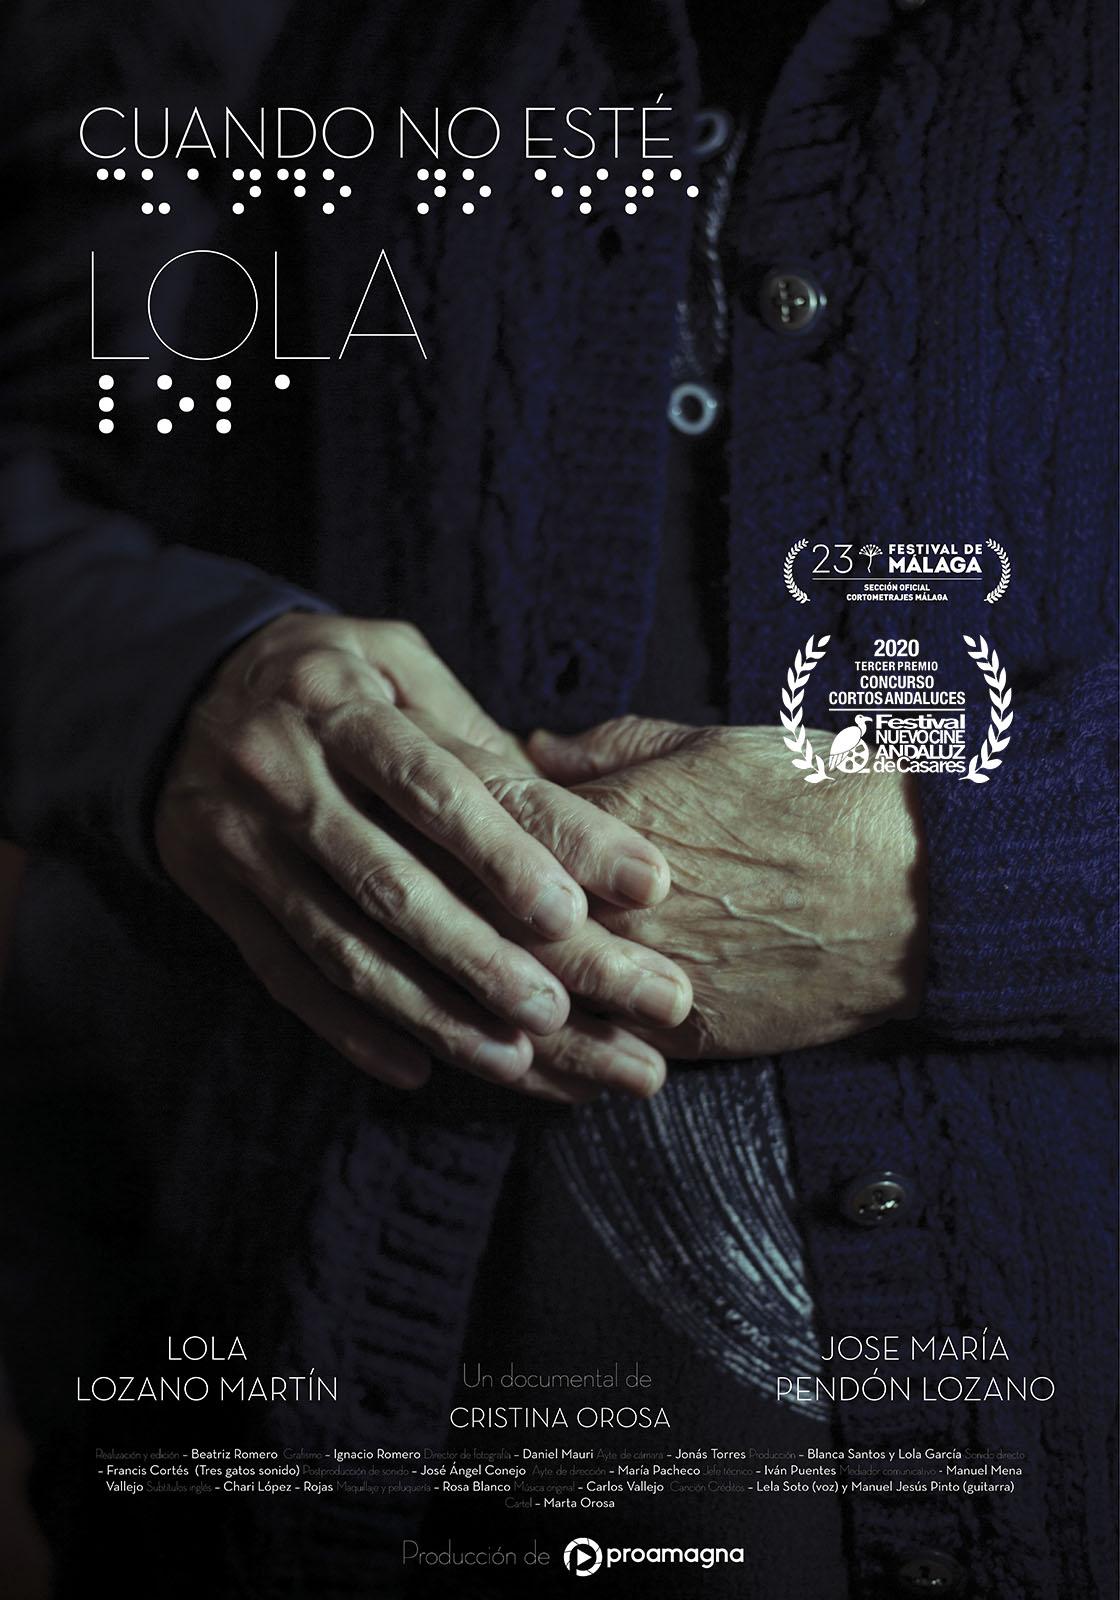 Cuando no esté Lola, de Cristina Ramírez Orosa y Beatriz Romero. Tercer premio Concurso Cortos Andaluces Nuevo Cine Andaluz 2020